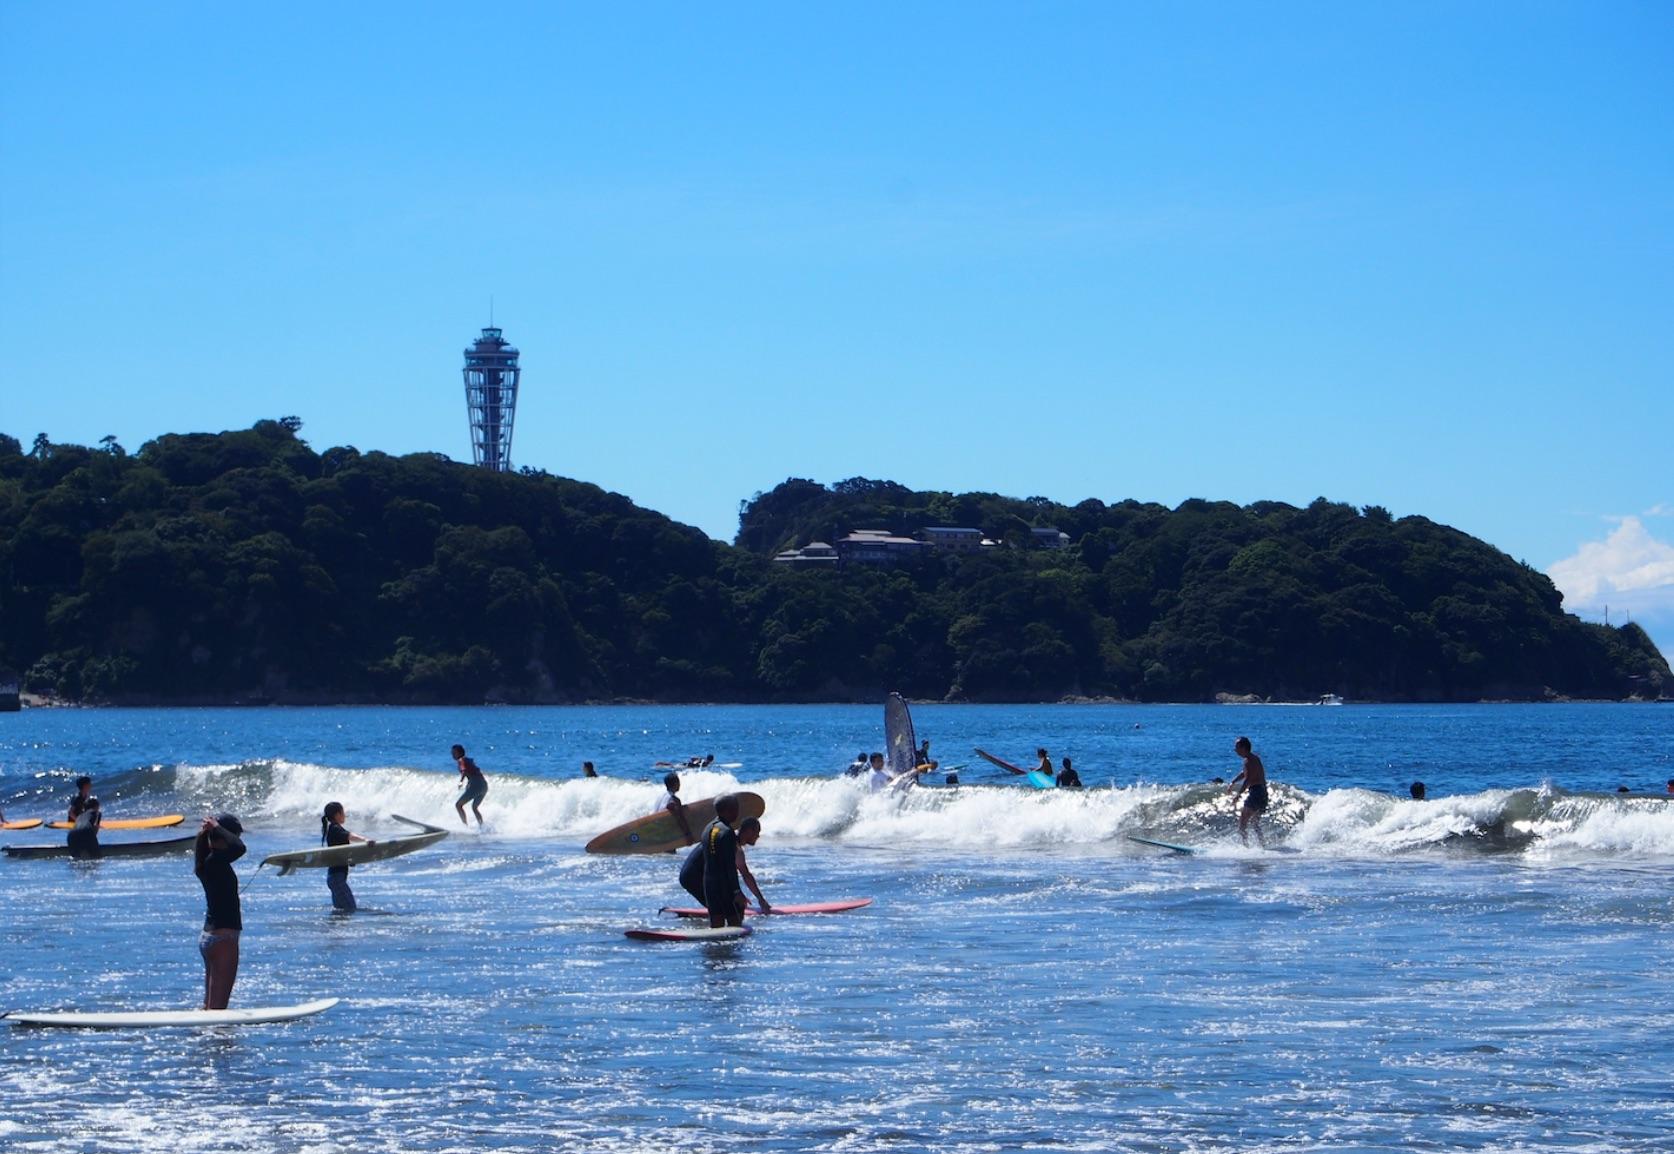 国内外のおすすめサーフィンスポットを紹介!初心者向けの穴場も解説